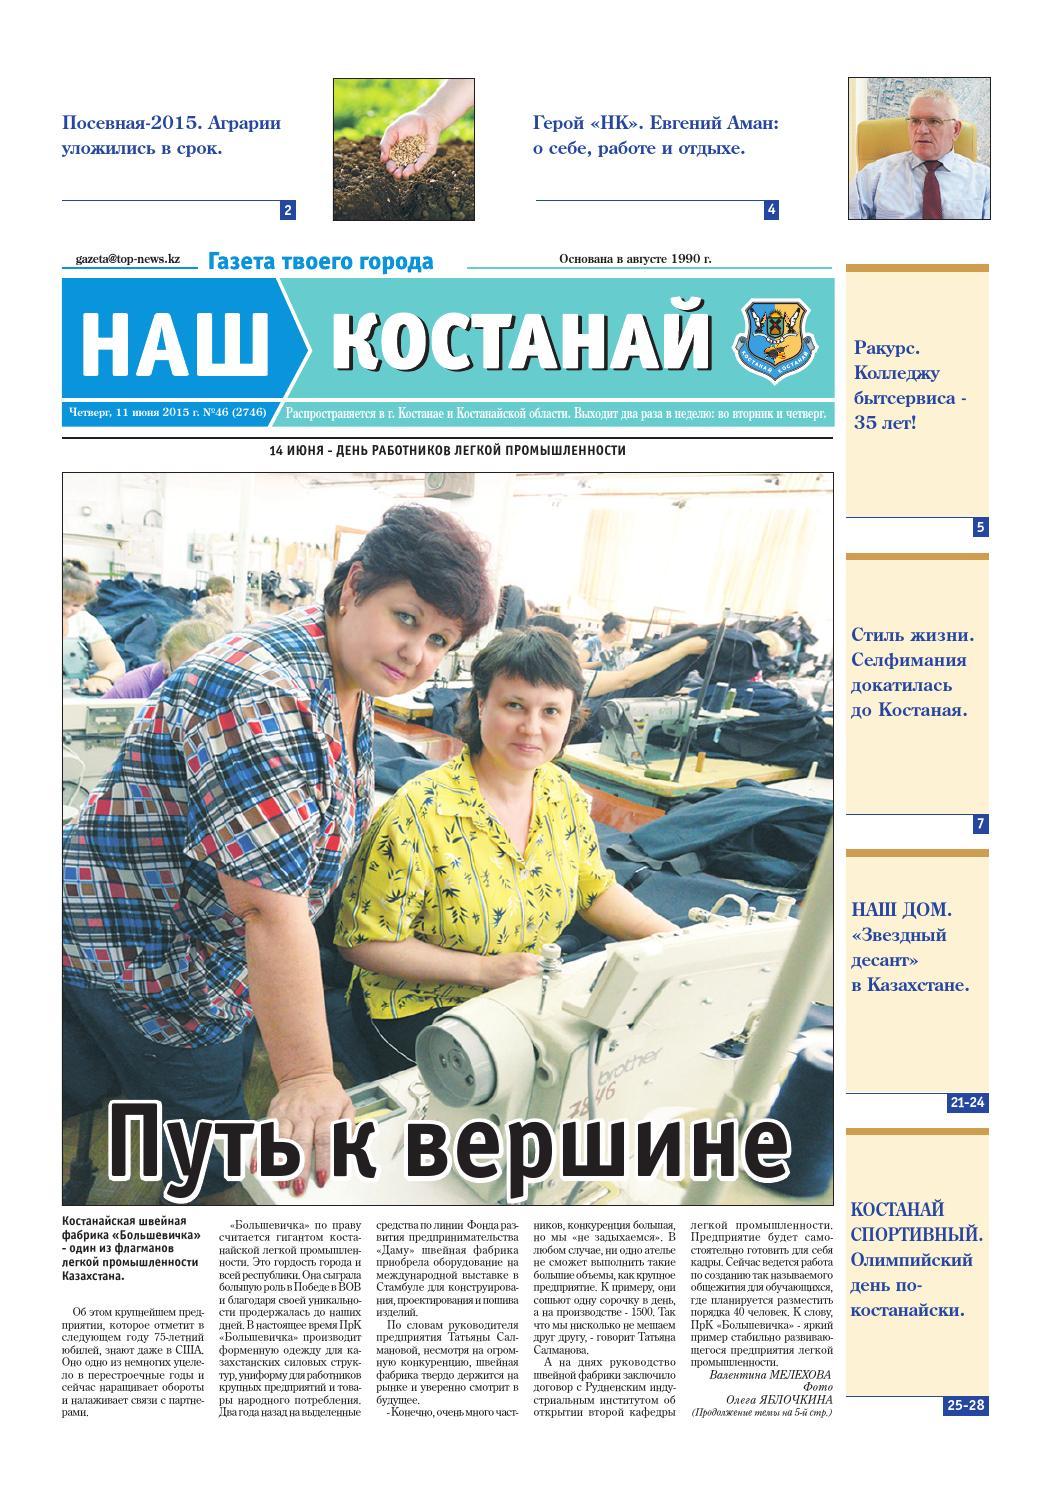 Только для жителей казахстана заказать секс возбудитель всего 5445 тенге